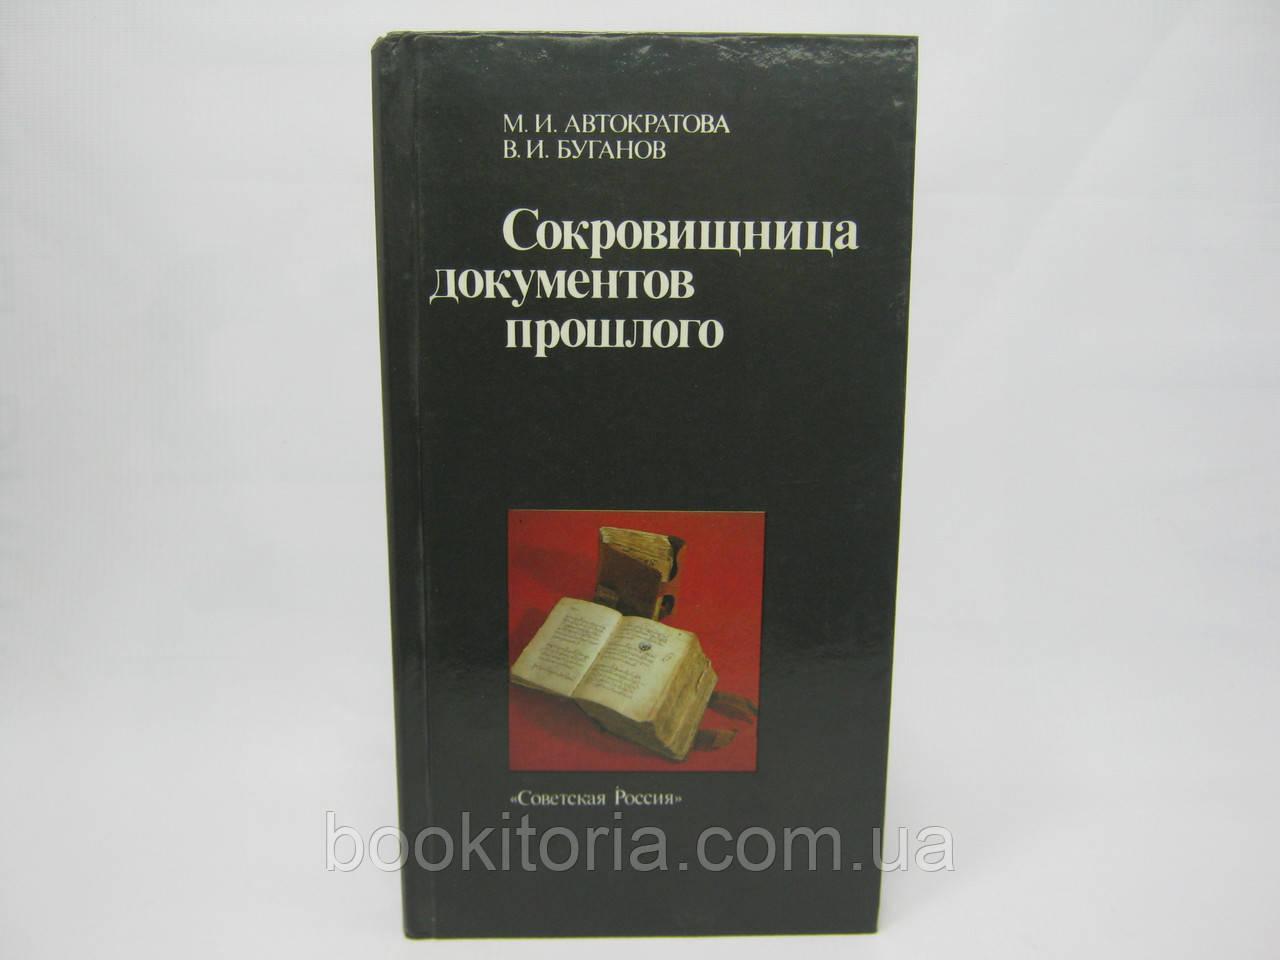 Автократова М.И., Буганов В.И. Сокровищница документов прошлого (б/у).